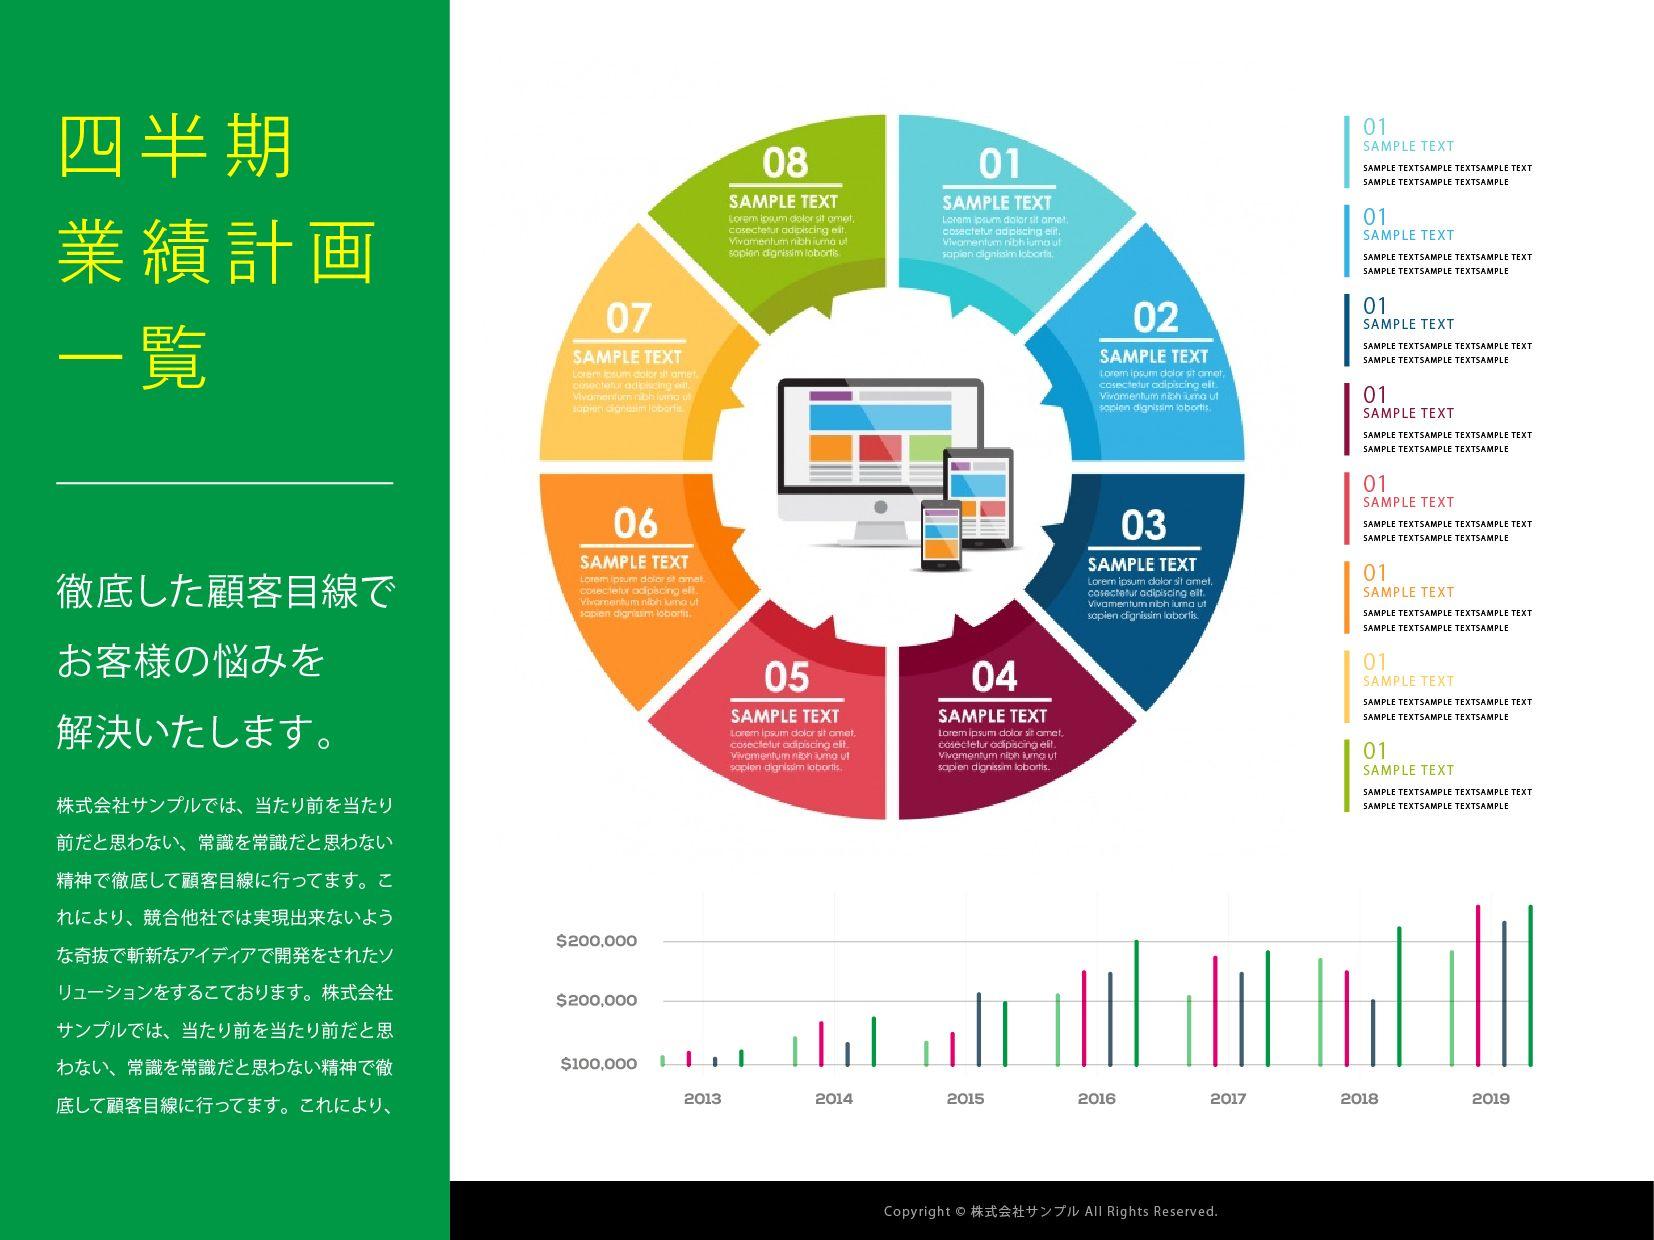 伝わるパワーポイント制作 フリースタイルエンターテイメント パワーポイント スライド デザイン エンターテイメント